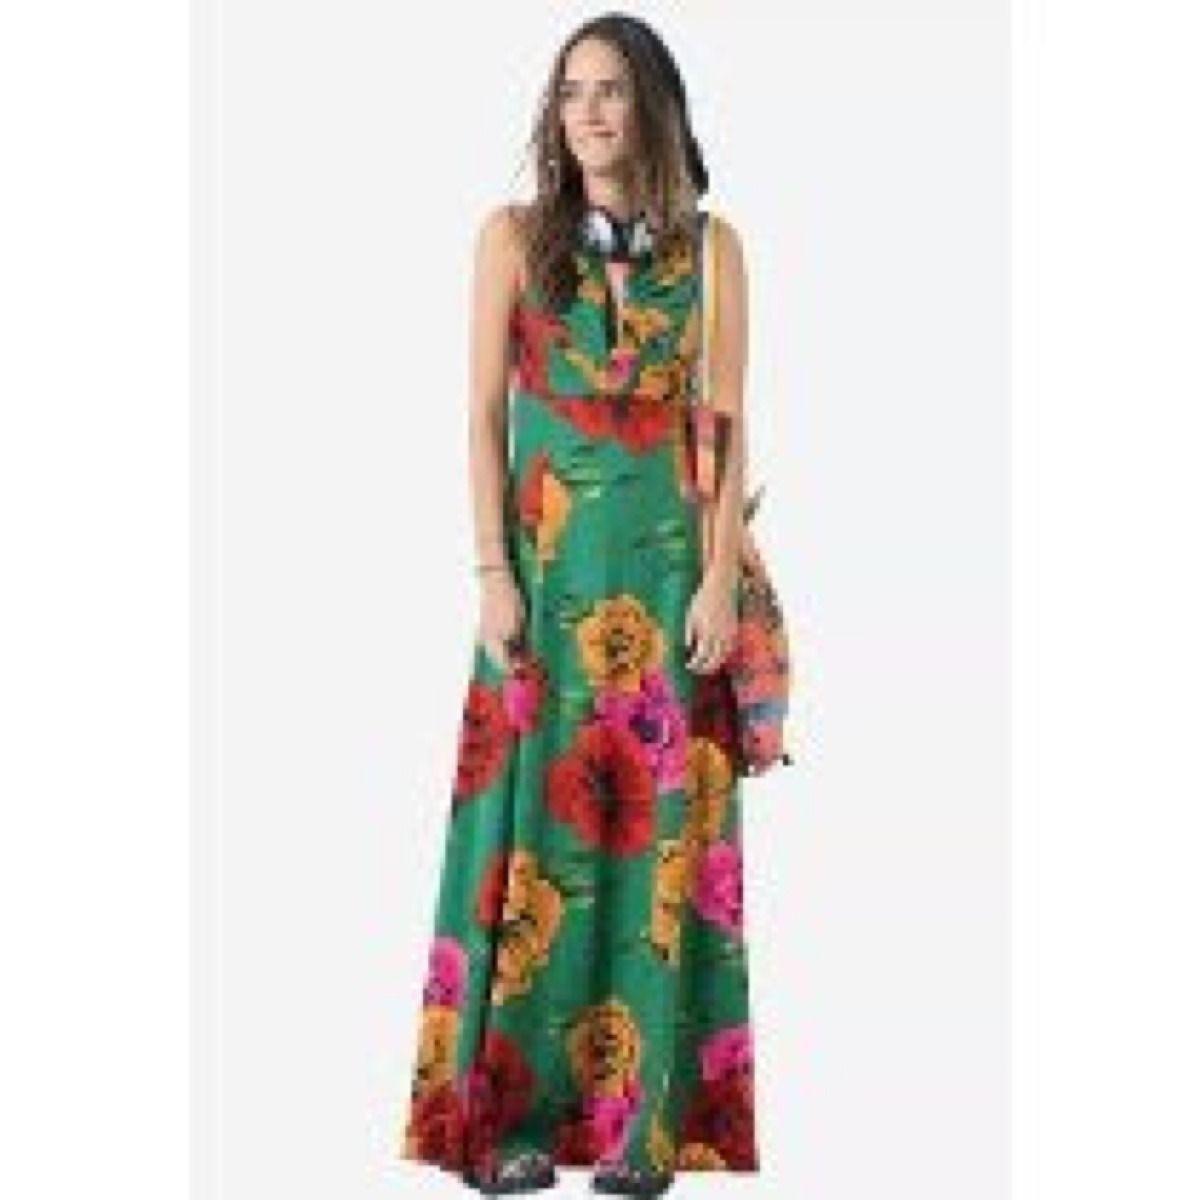 6f1c0d4ea Vestido Longo Farm Maxi Flor. Lindooo!!! - R$ 449,00 no MercadoLivre ...